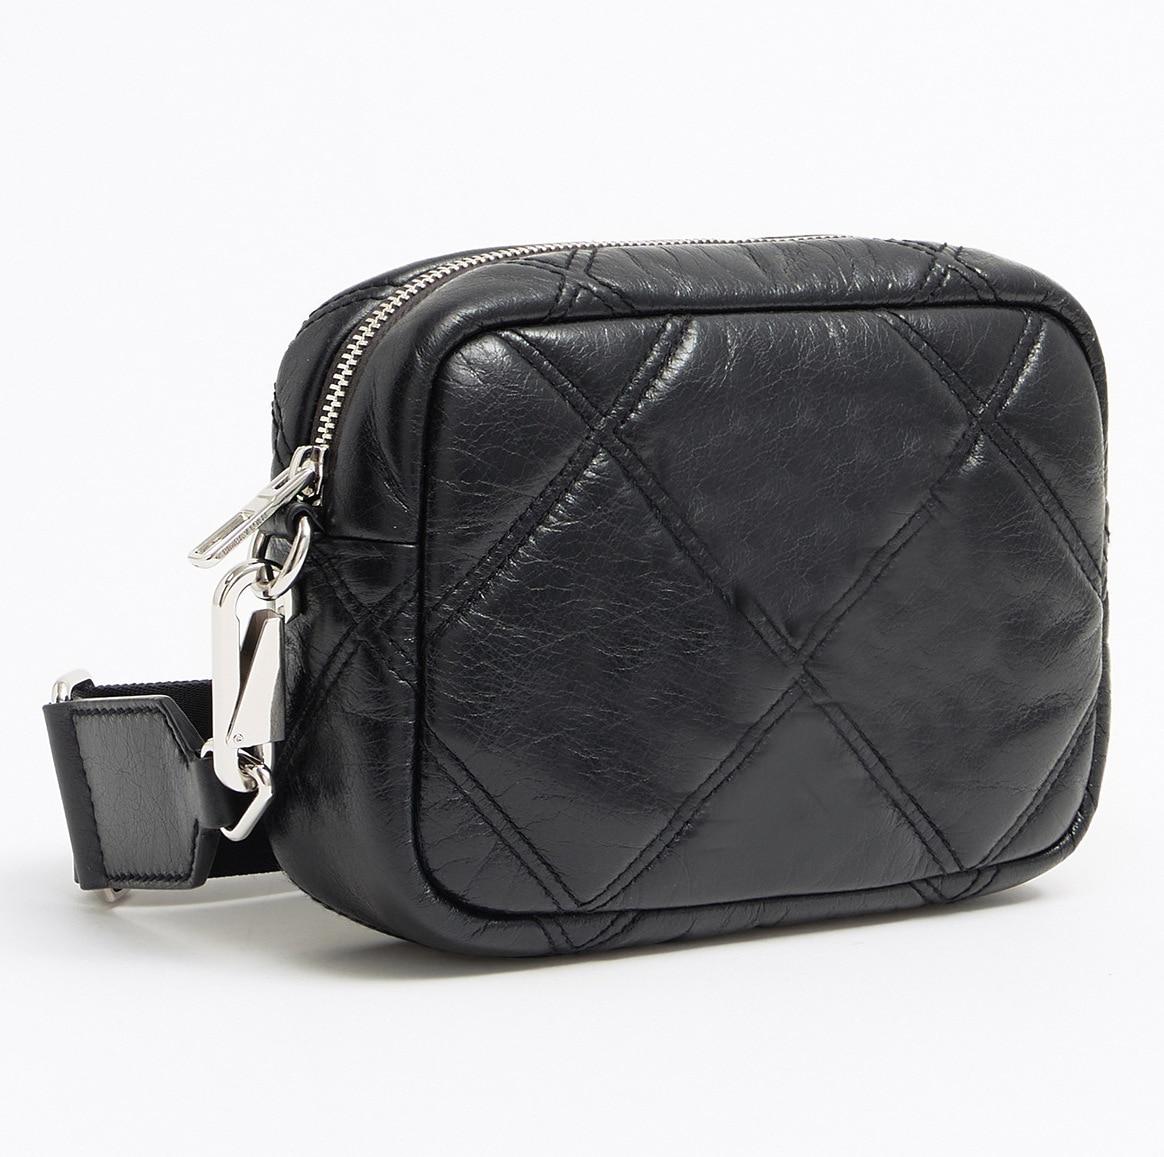 Фото - Высококачественная женская сумка-мессенджер через плечо, металлическая сумка-мессенджер через плечо, модная женская сумка на плечо, модель... сумка через плечо женская tamaris matilda 2959182 518 светло розовый